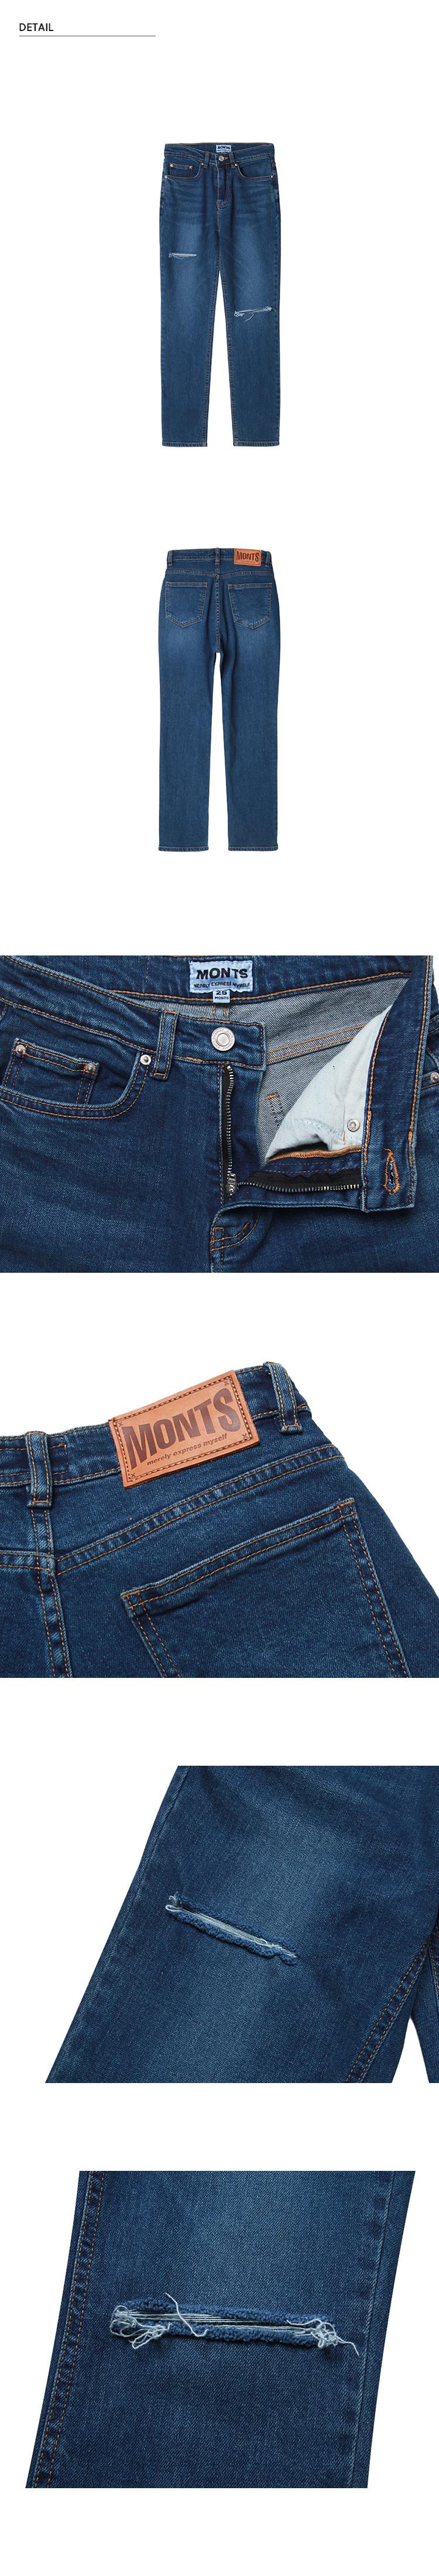 몬츠(MONTS) 854 slim-fit cropped denim jeans